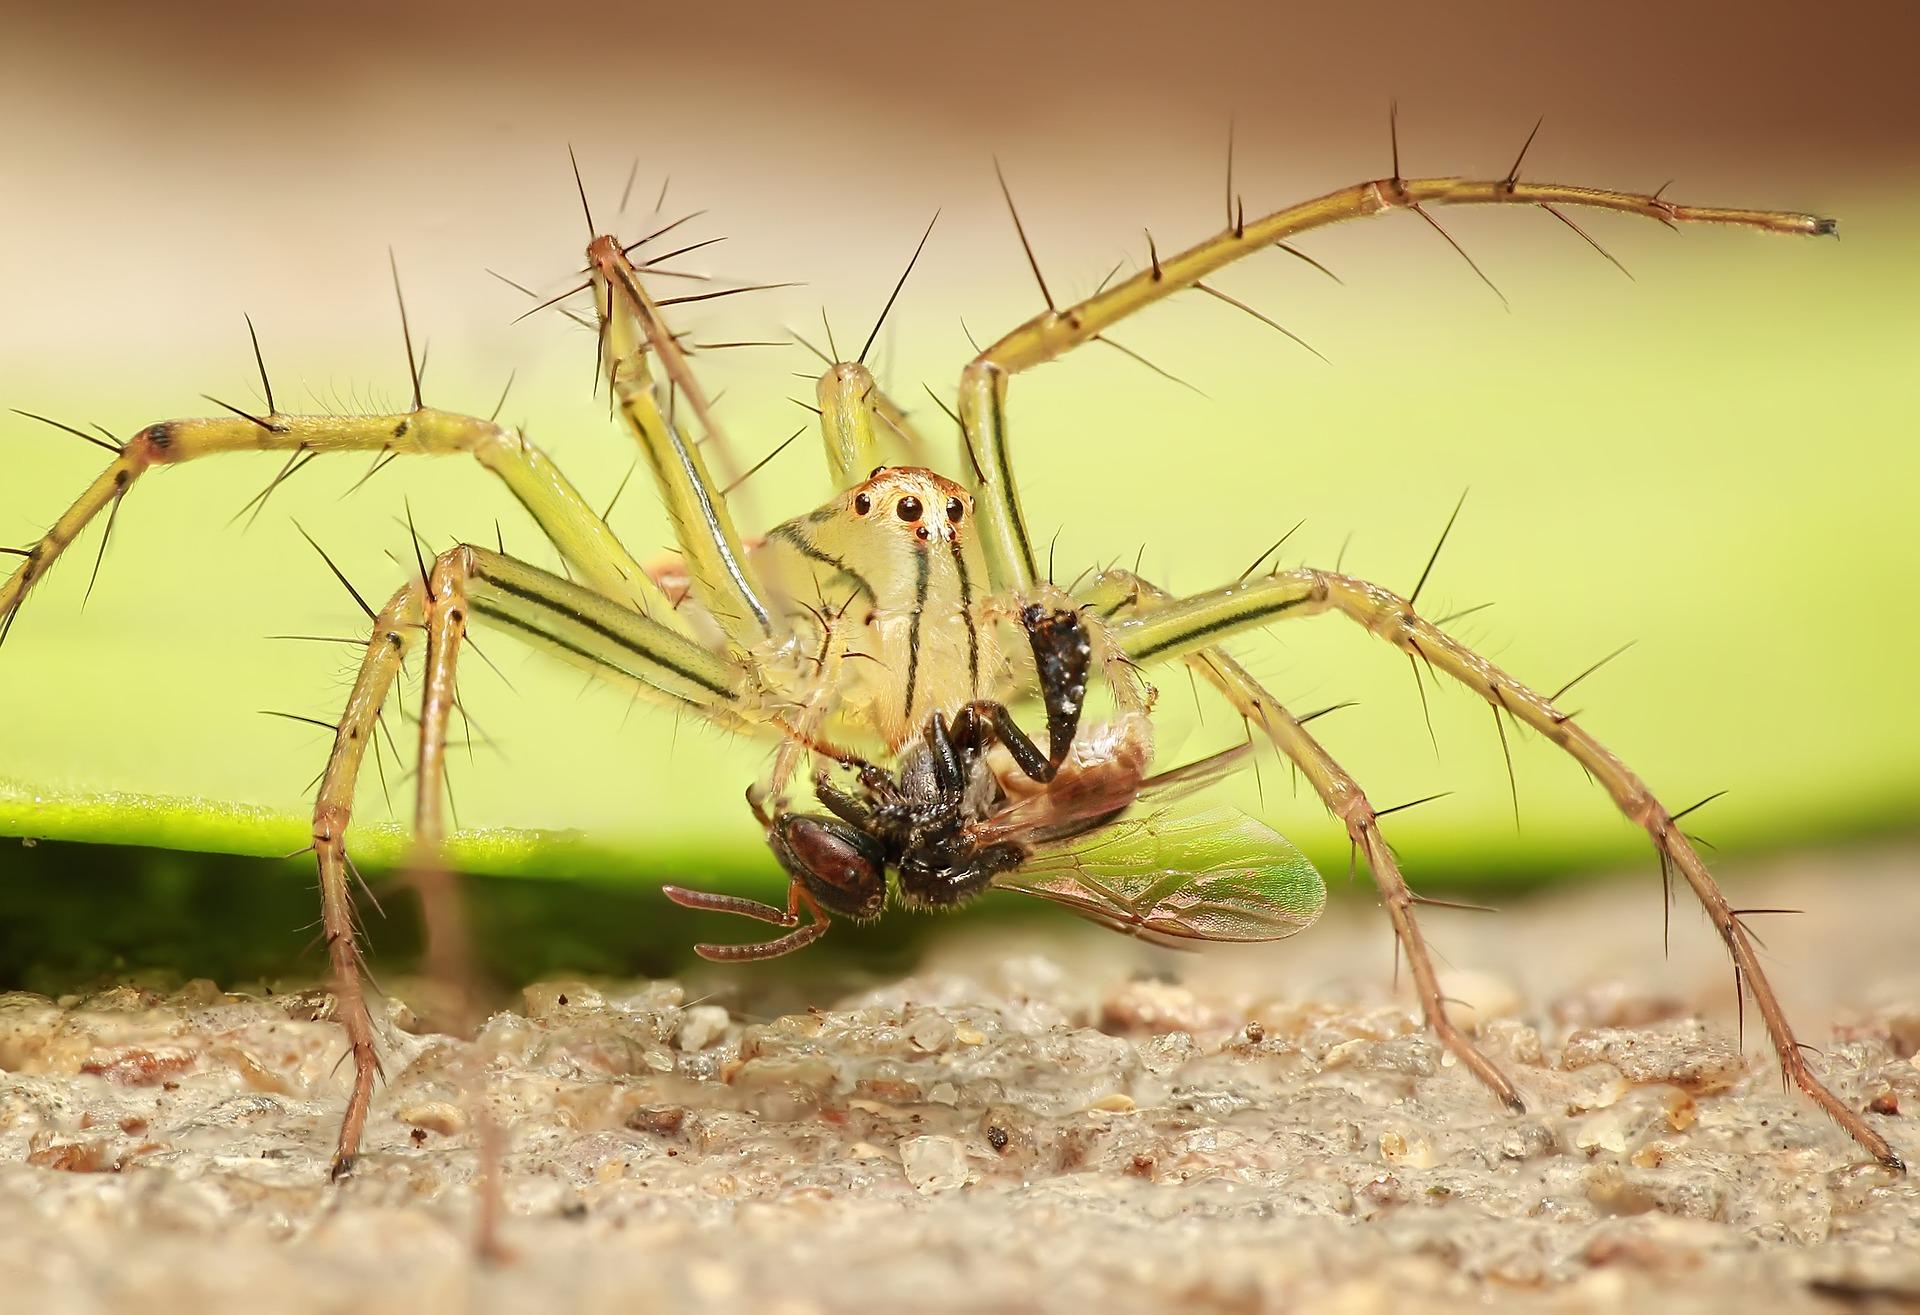 spider-1145105_1920